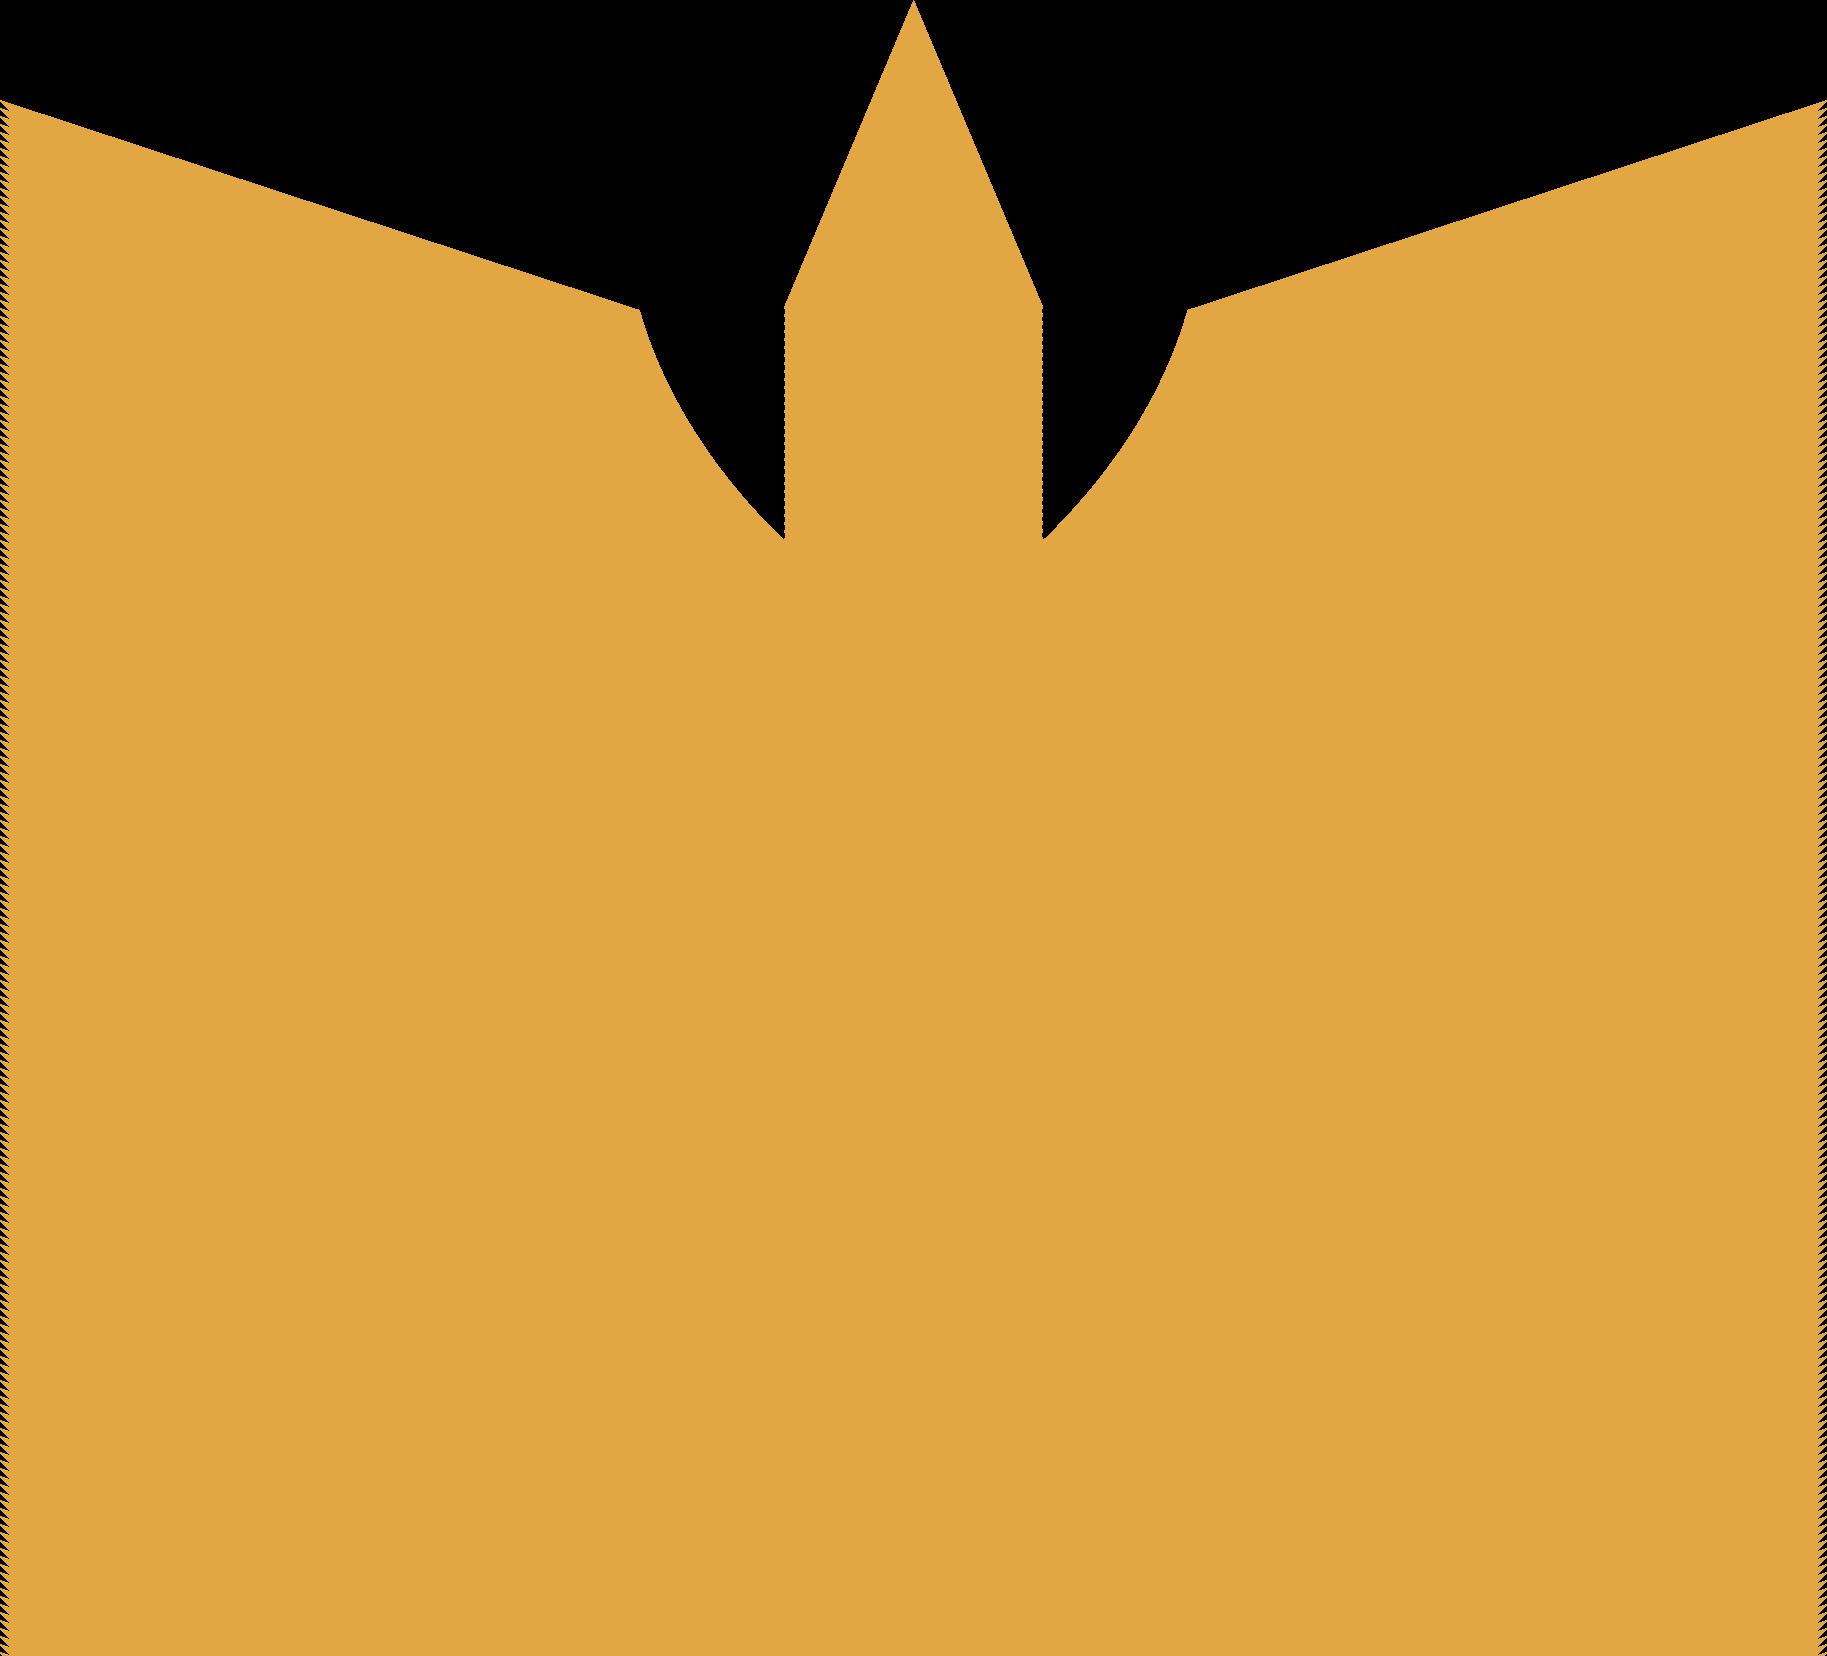 ragnarok symbol